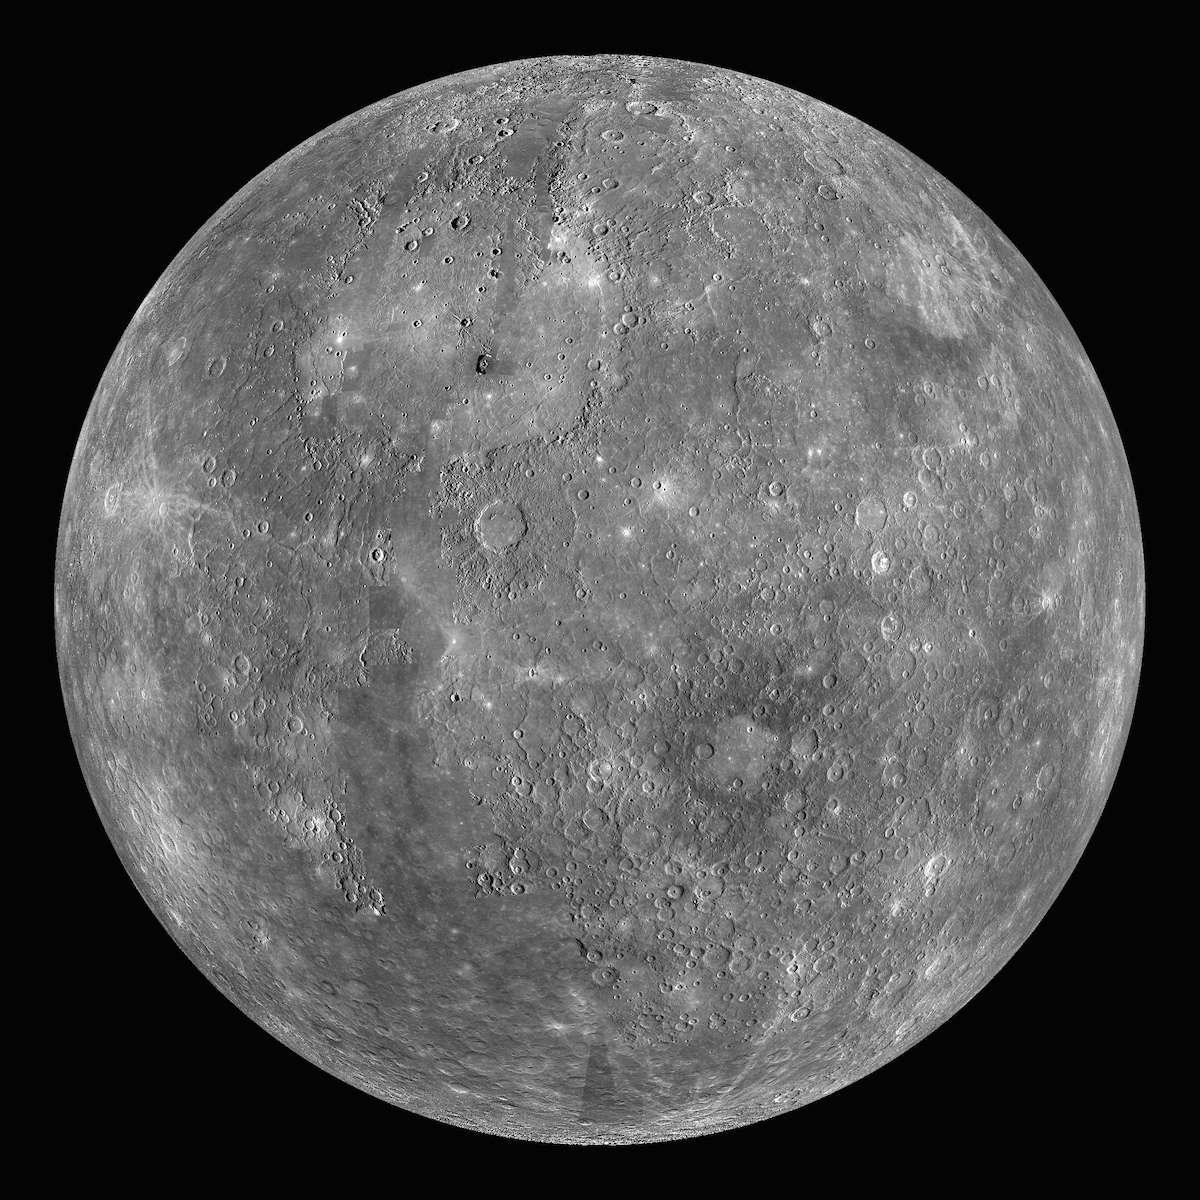 La sonde Messenger a révélé que Mercure, la planète la plus proche du Soleil, possède 10 fois plus de soufre que la Terre ou Mars. © Nasa, Johns Hopkins University Applied Physics Laboratory (JHUAPL), Carnegie Institution of Washington